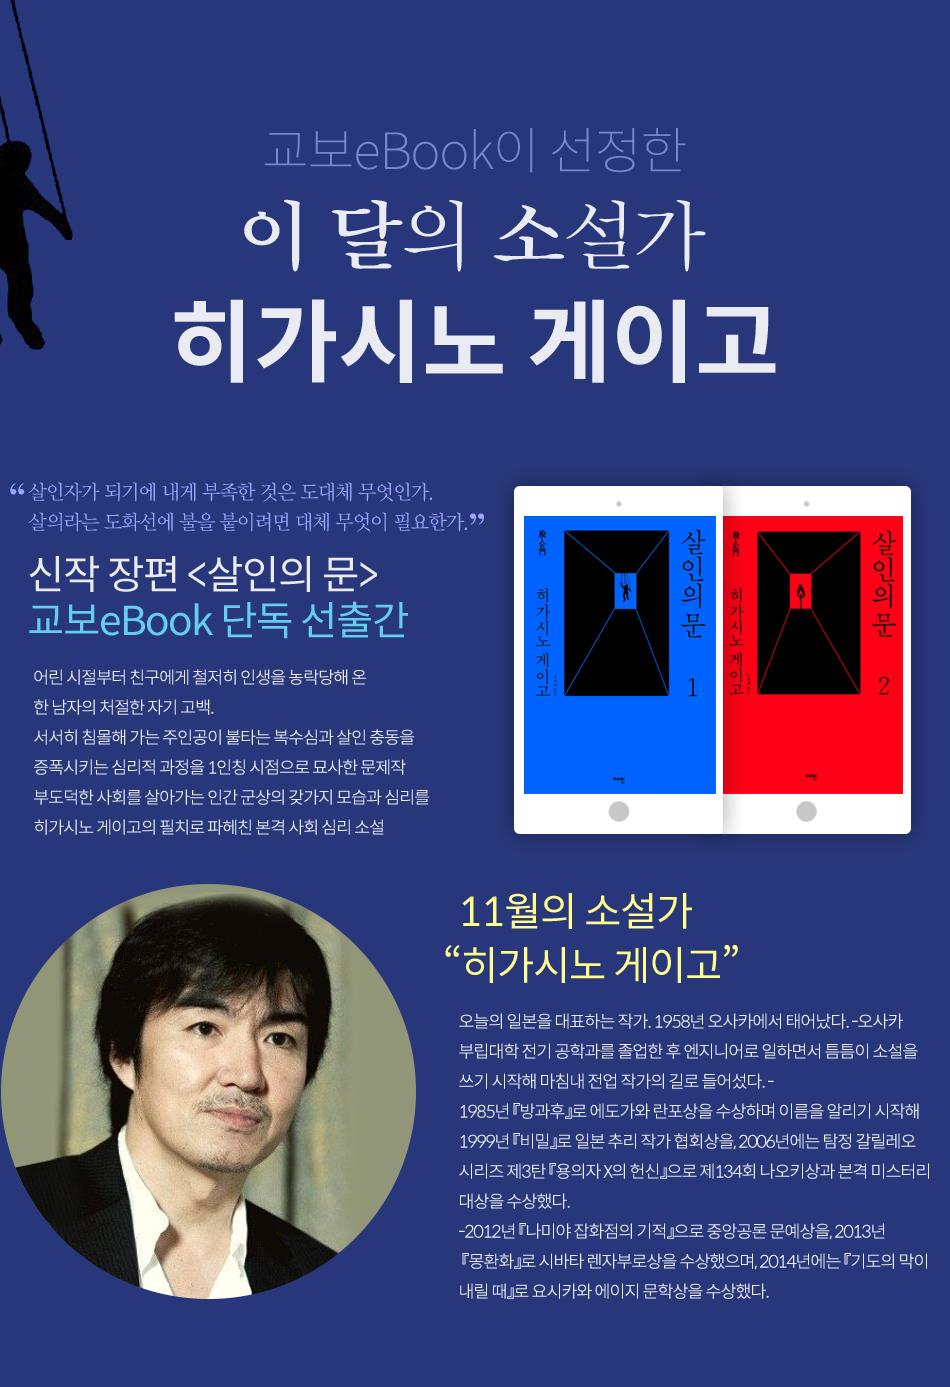 교보eBook이 선정한 이 달의 소설가히가시노 게이고